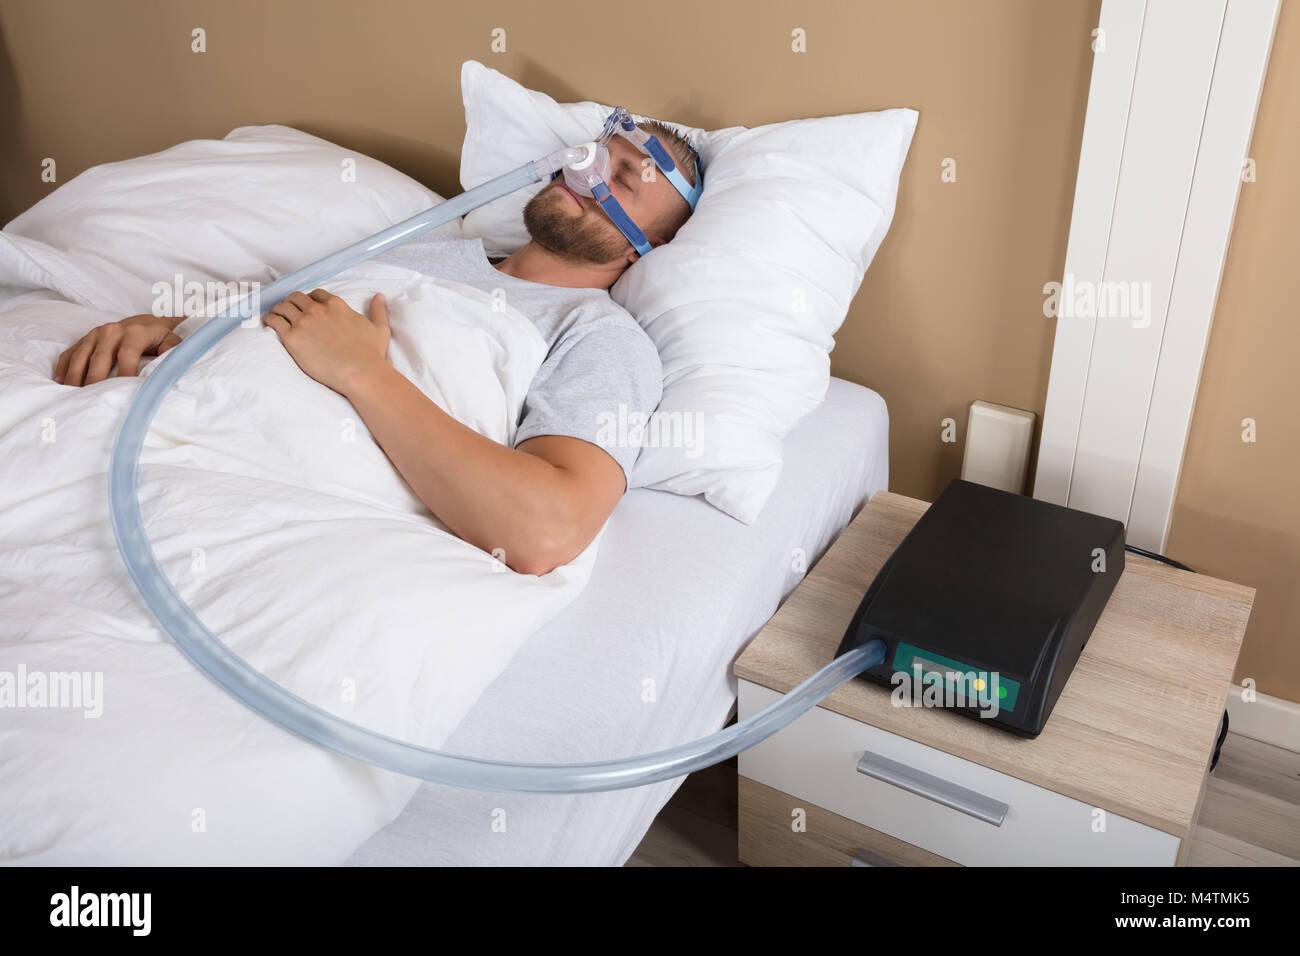 Giovane uomo disteso sul letto con apnea nel sonno e macchina CPAP Immagini Stock